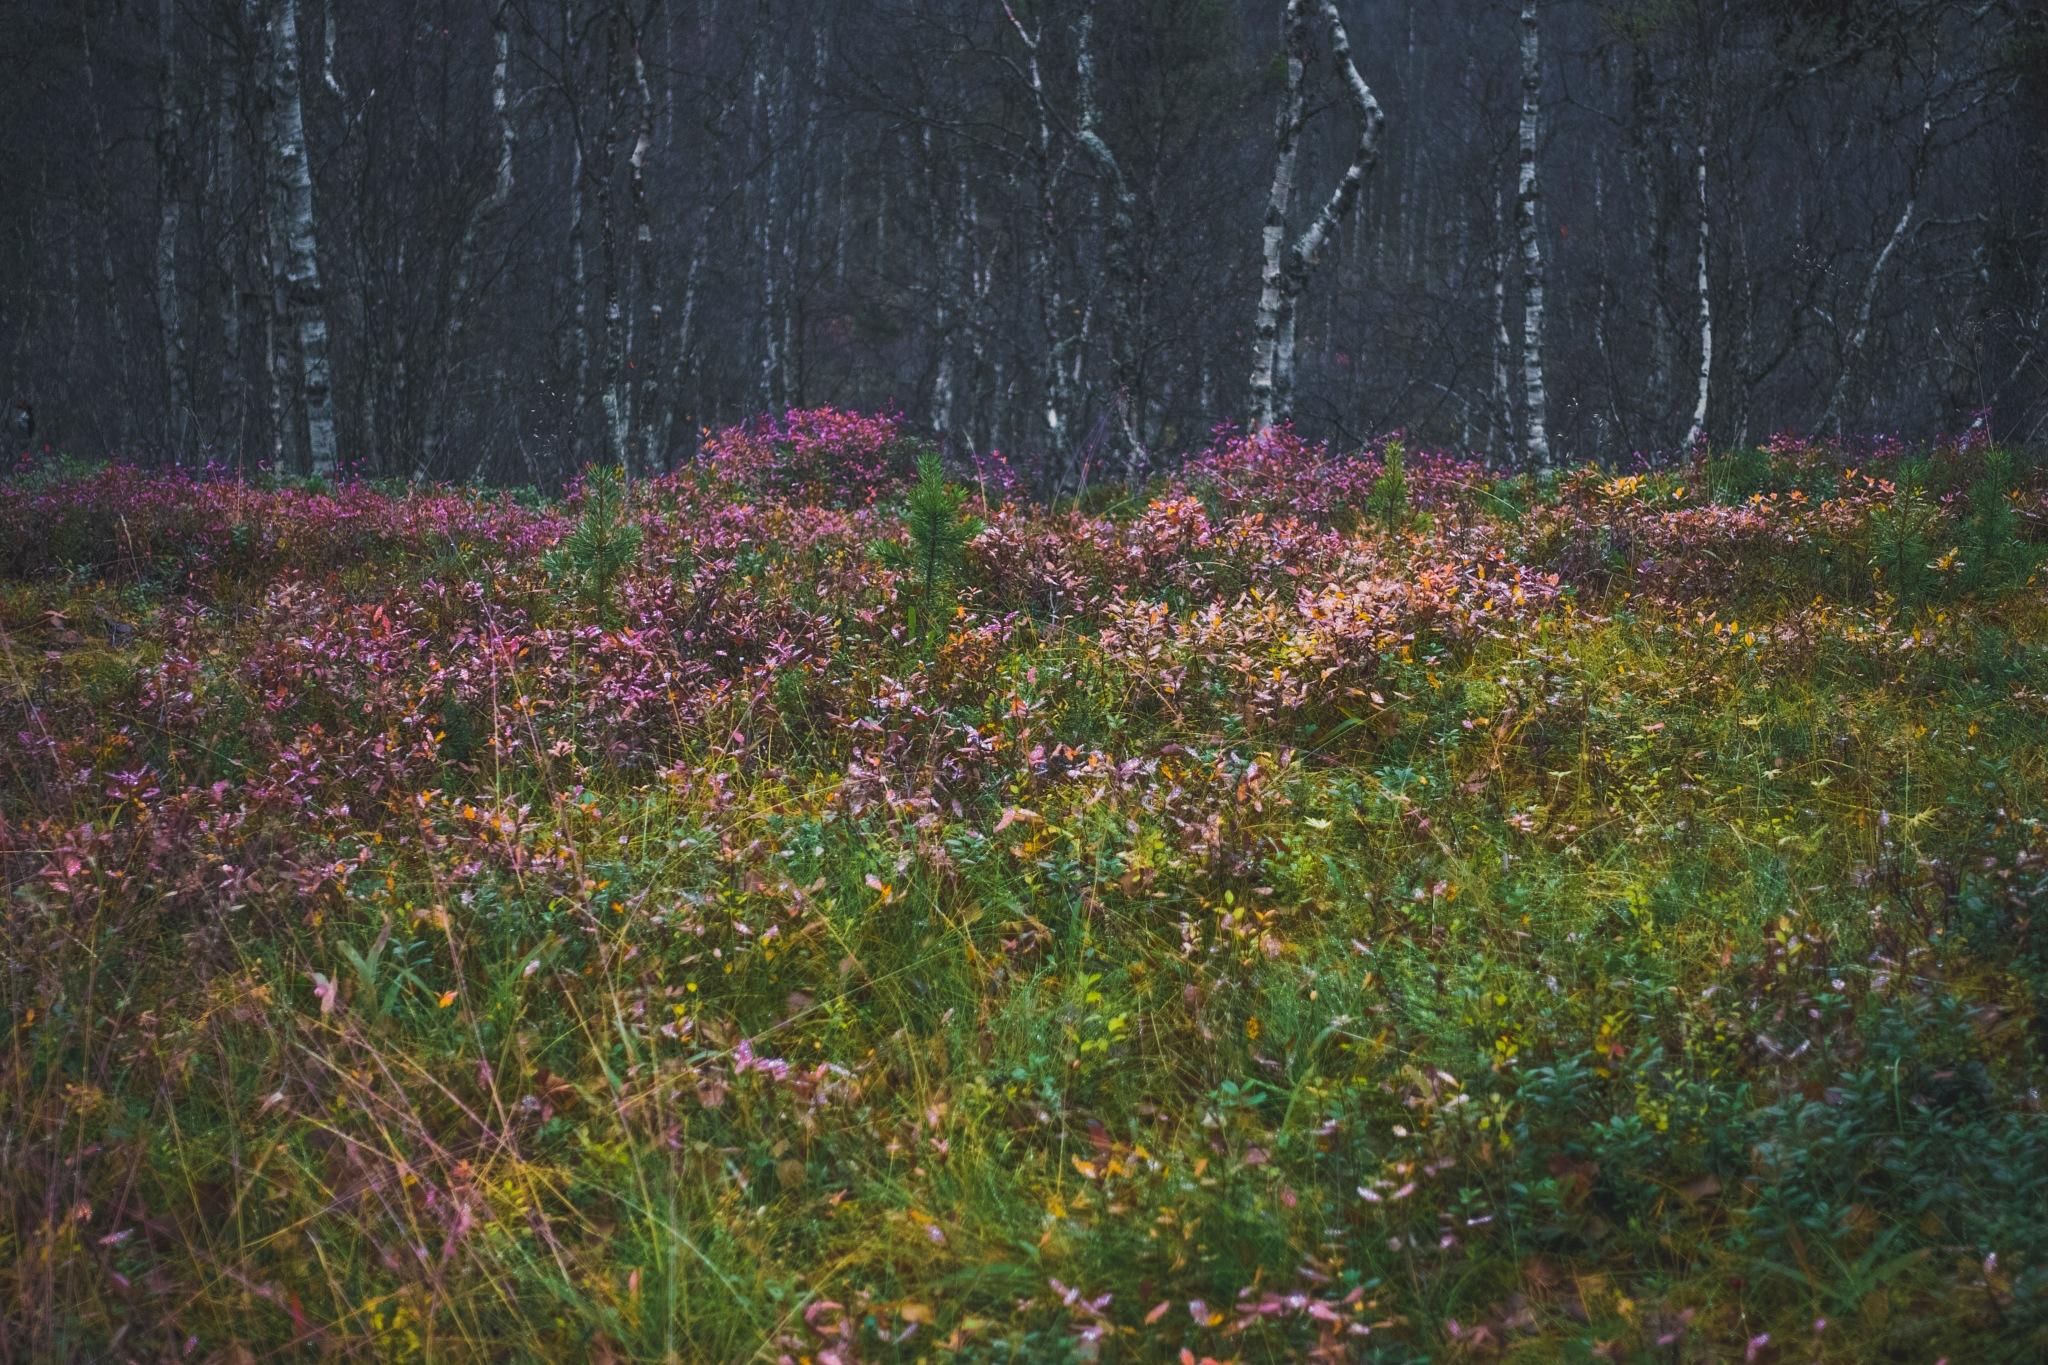 Autumn Woods I by Juuso Voutilainen